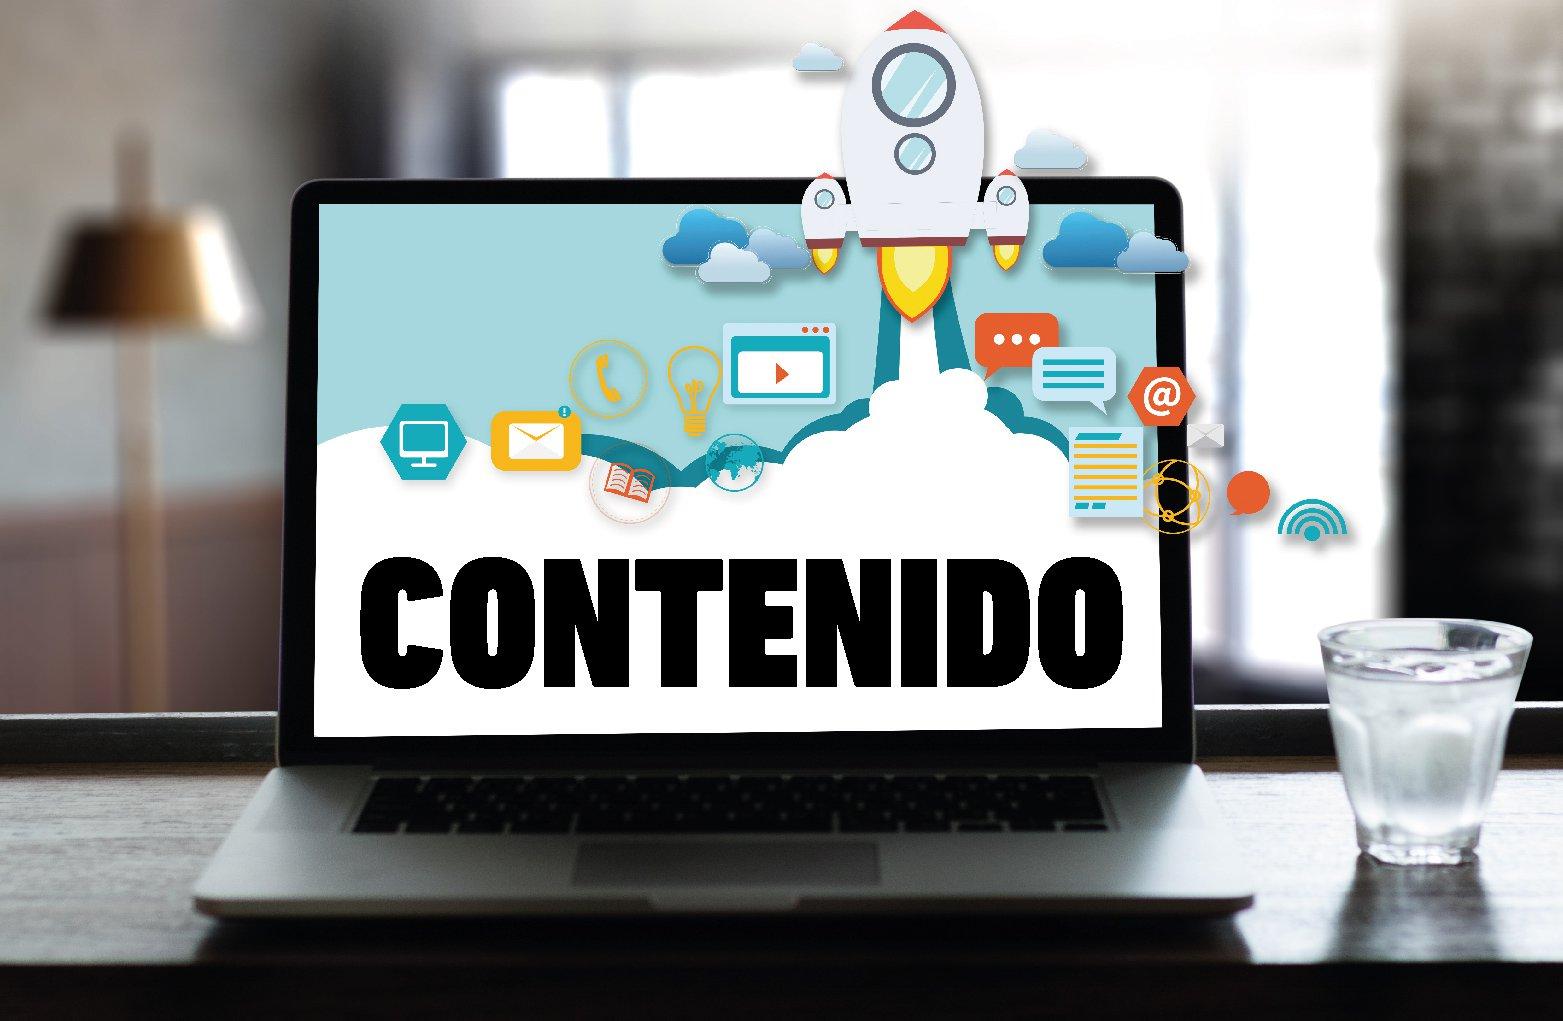 TIPOS DE CONTENIDOS QUE PUEDEN SER DE VALOR PARA LA AUDIENCIA